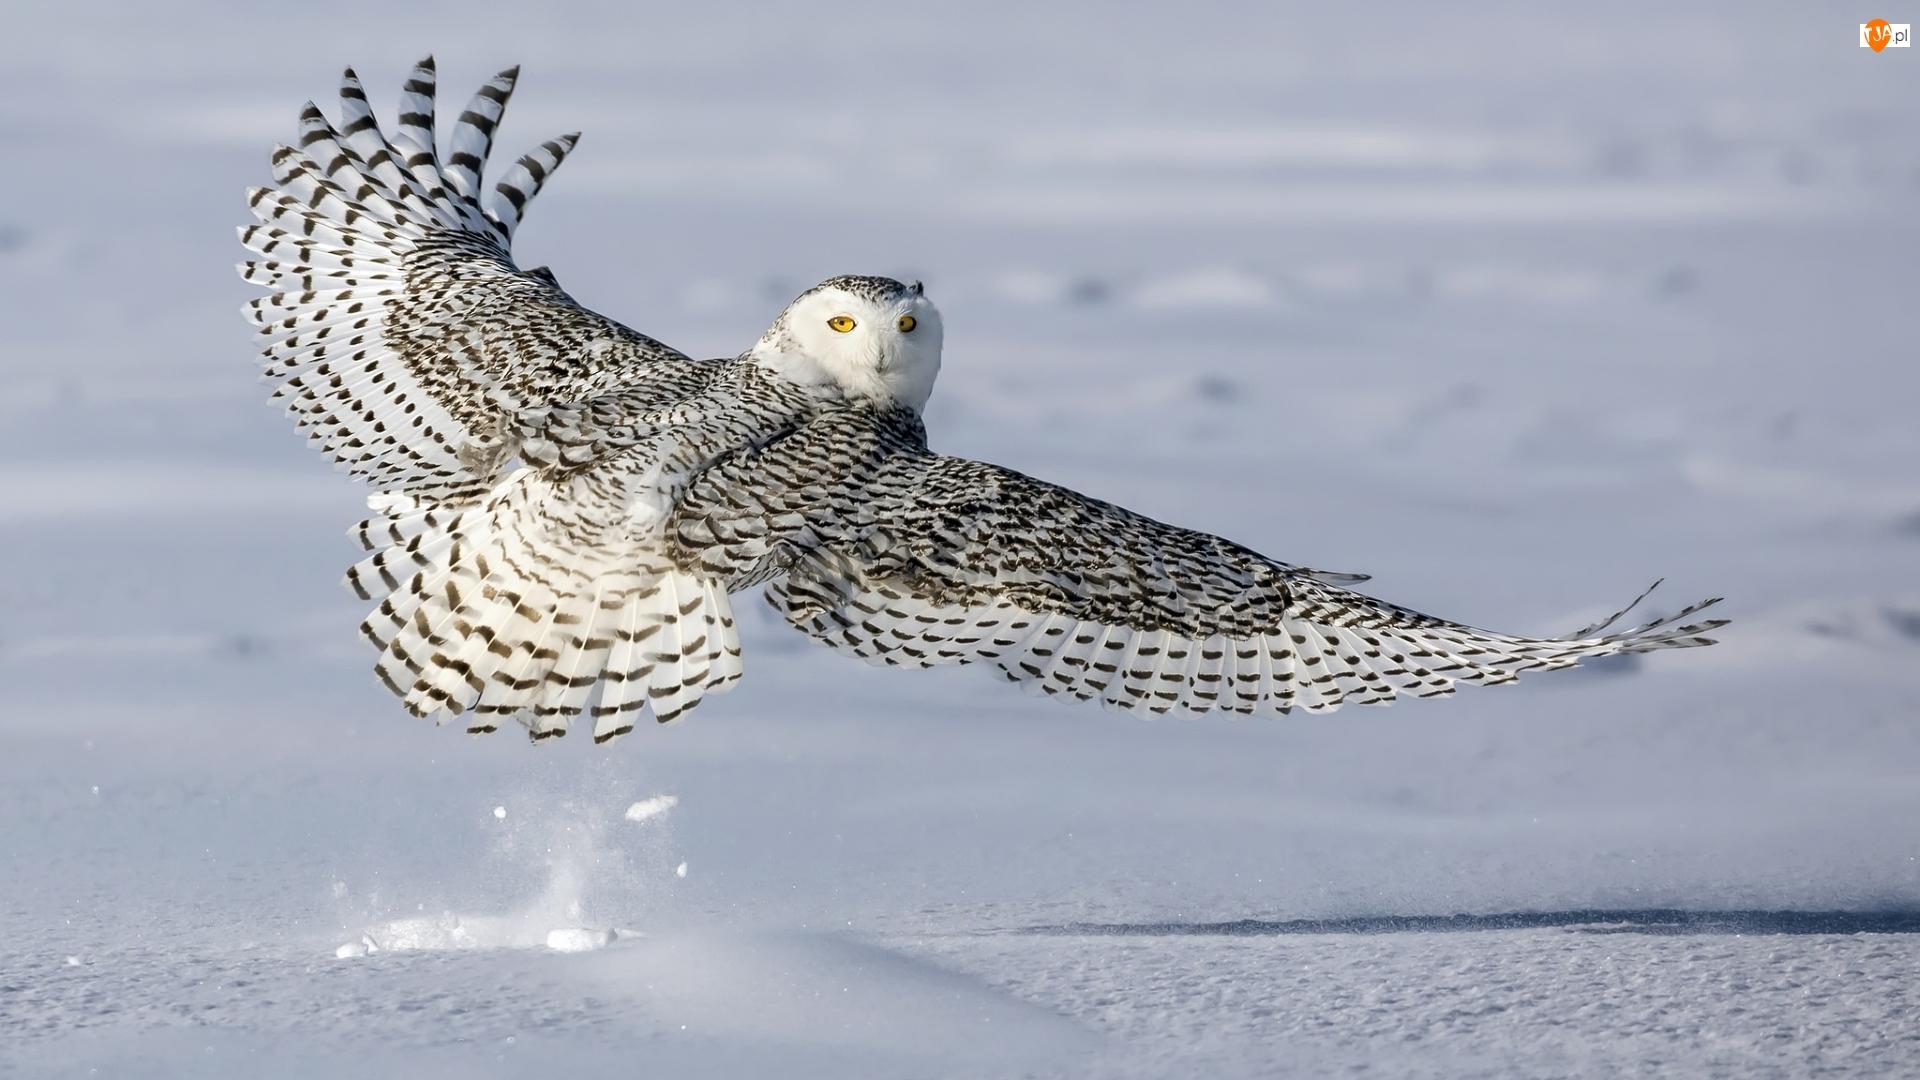 Rozpostarte, Śnieg, Sowa śnieżna, Ptak, Skrzydła